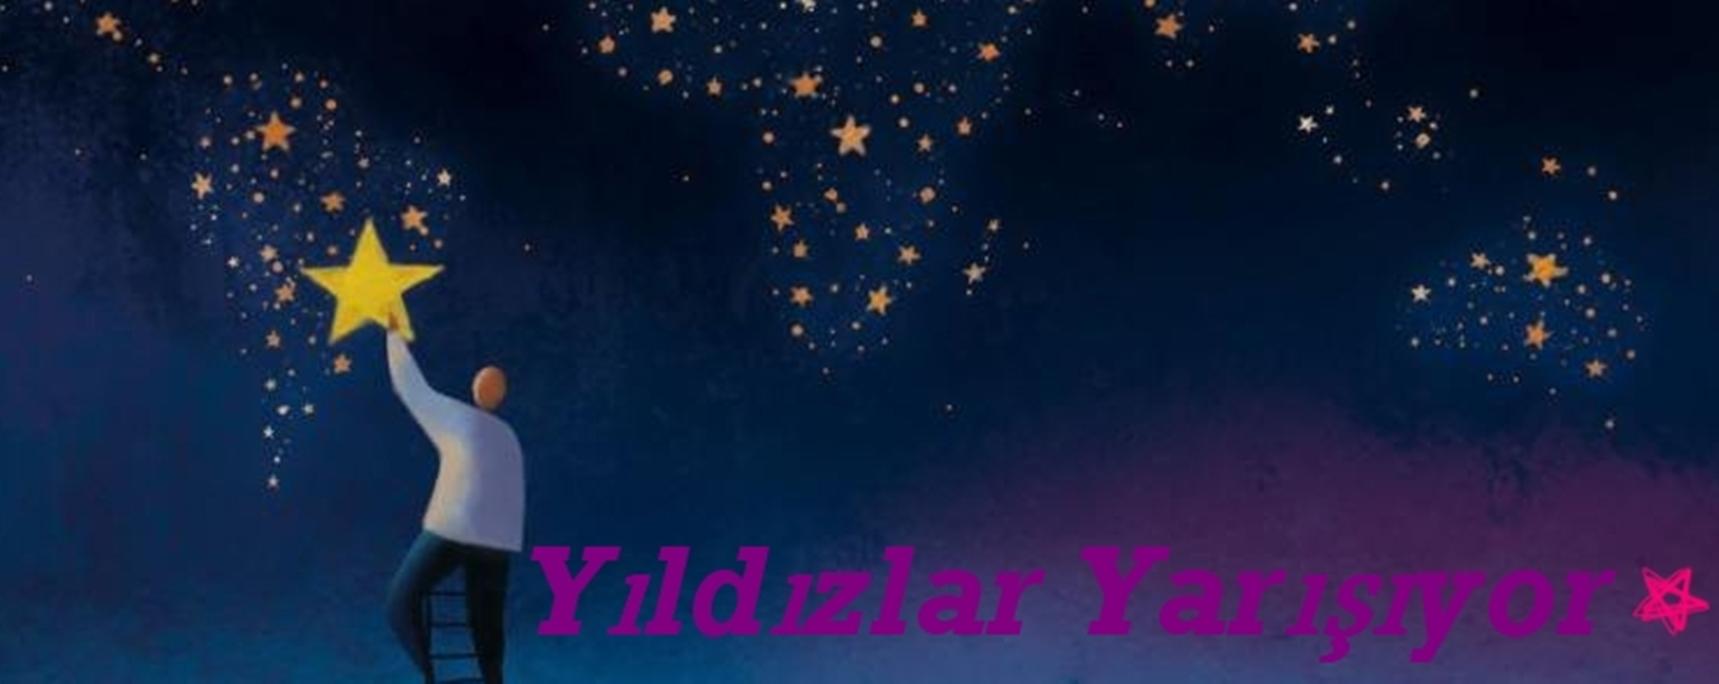 Stars-horz.jpg